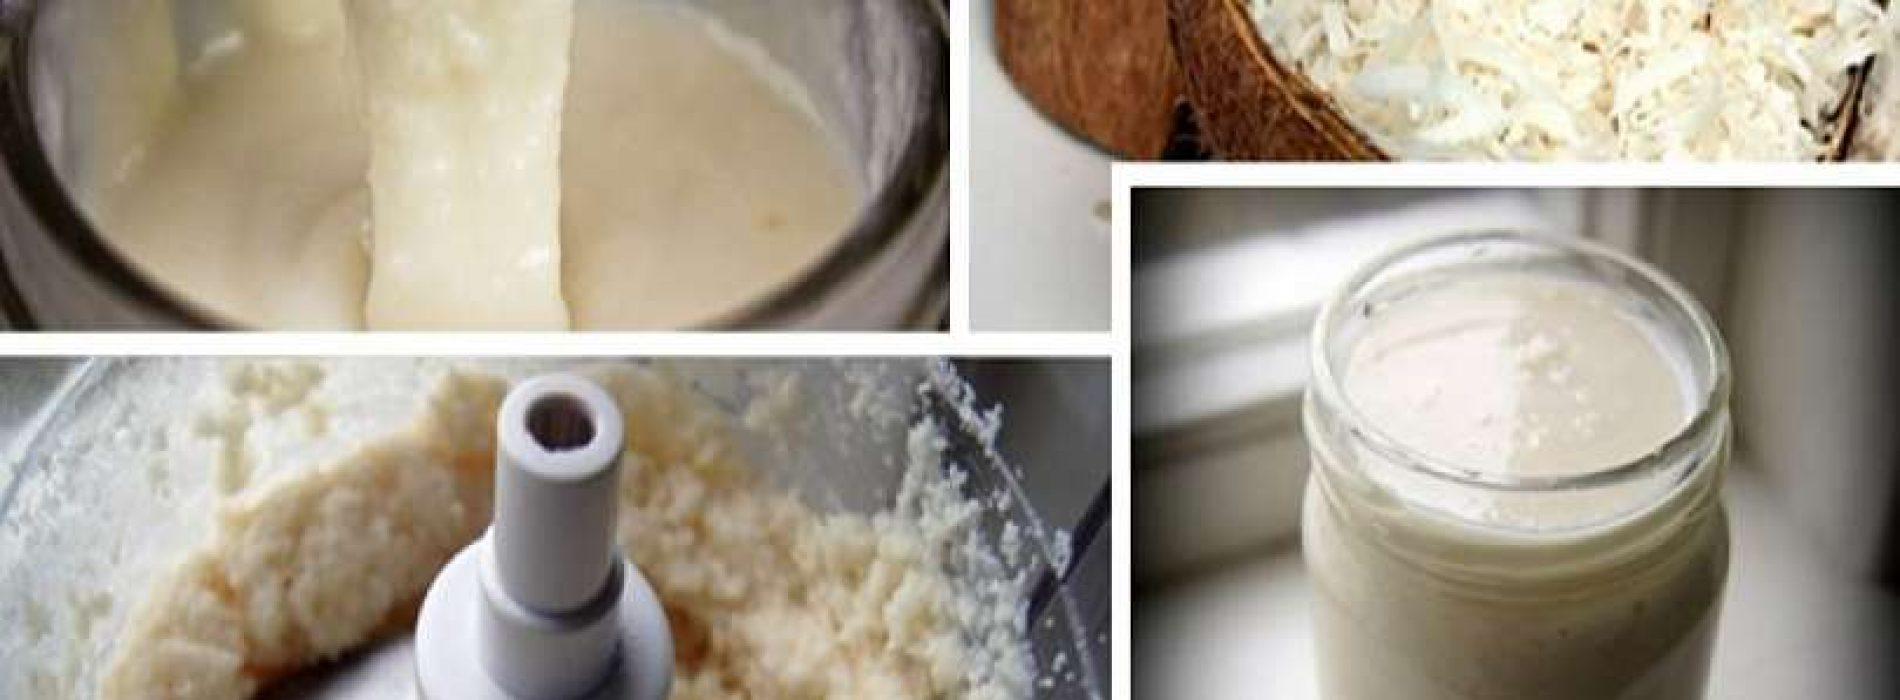 Kokosboter bevat meer Magnesium, ijzer en kalium dan kokosolie: Dit is hoe je het zelf maakt